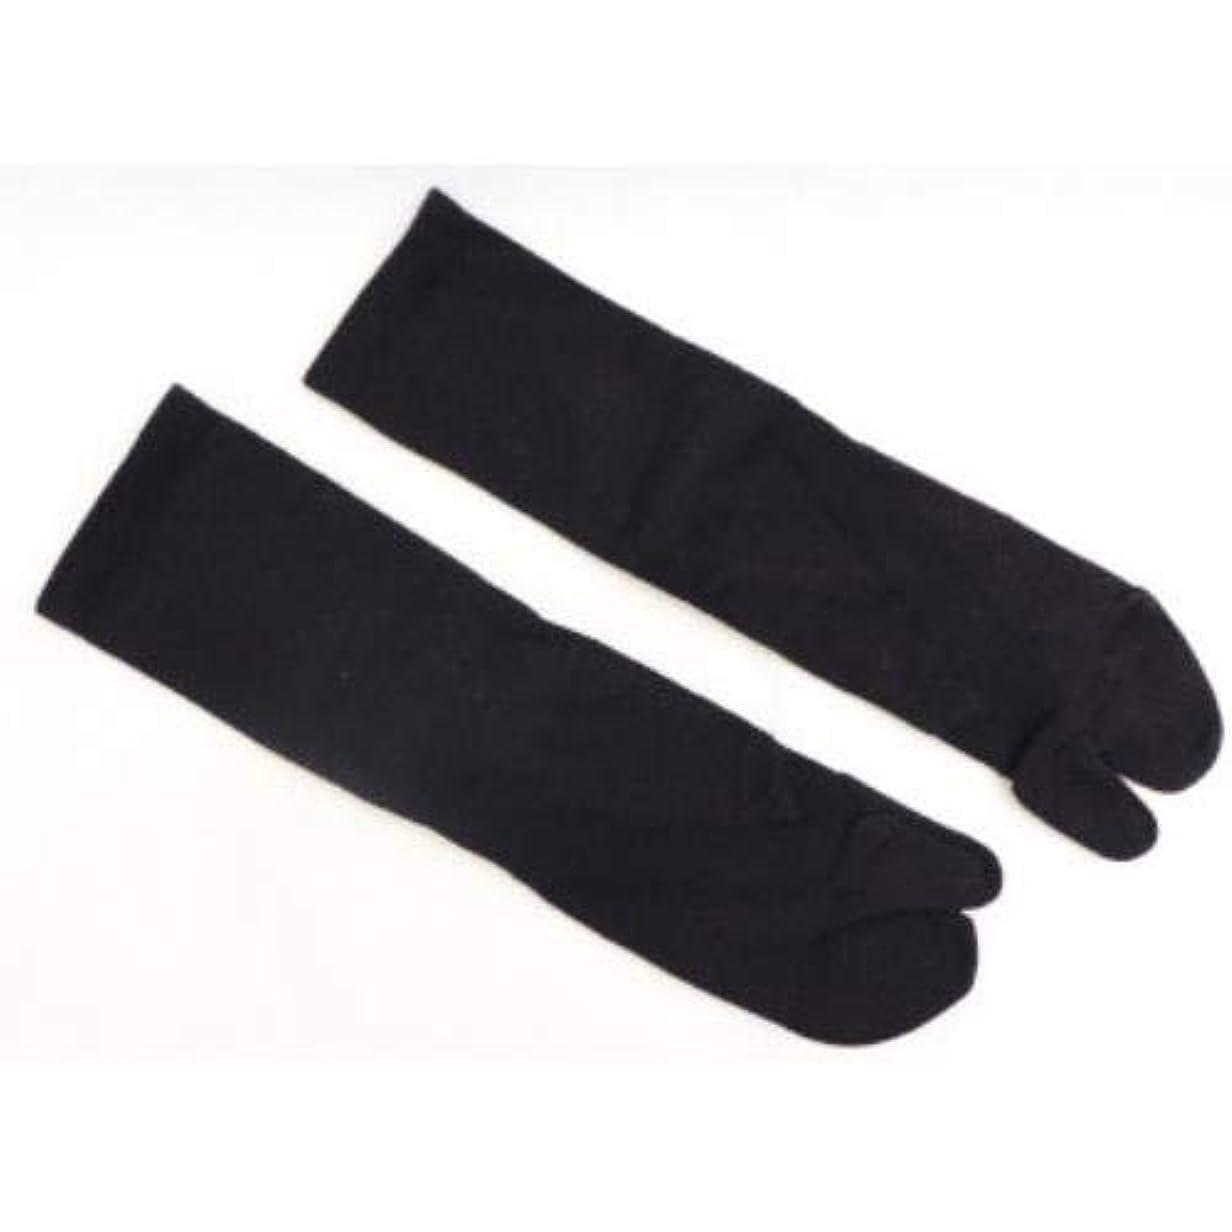 松加入不透明なさとう式 フレクサーソックス クルー 黒 (M) 足袋型